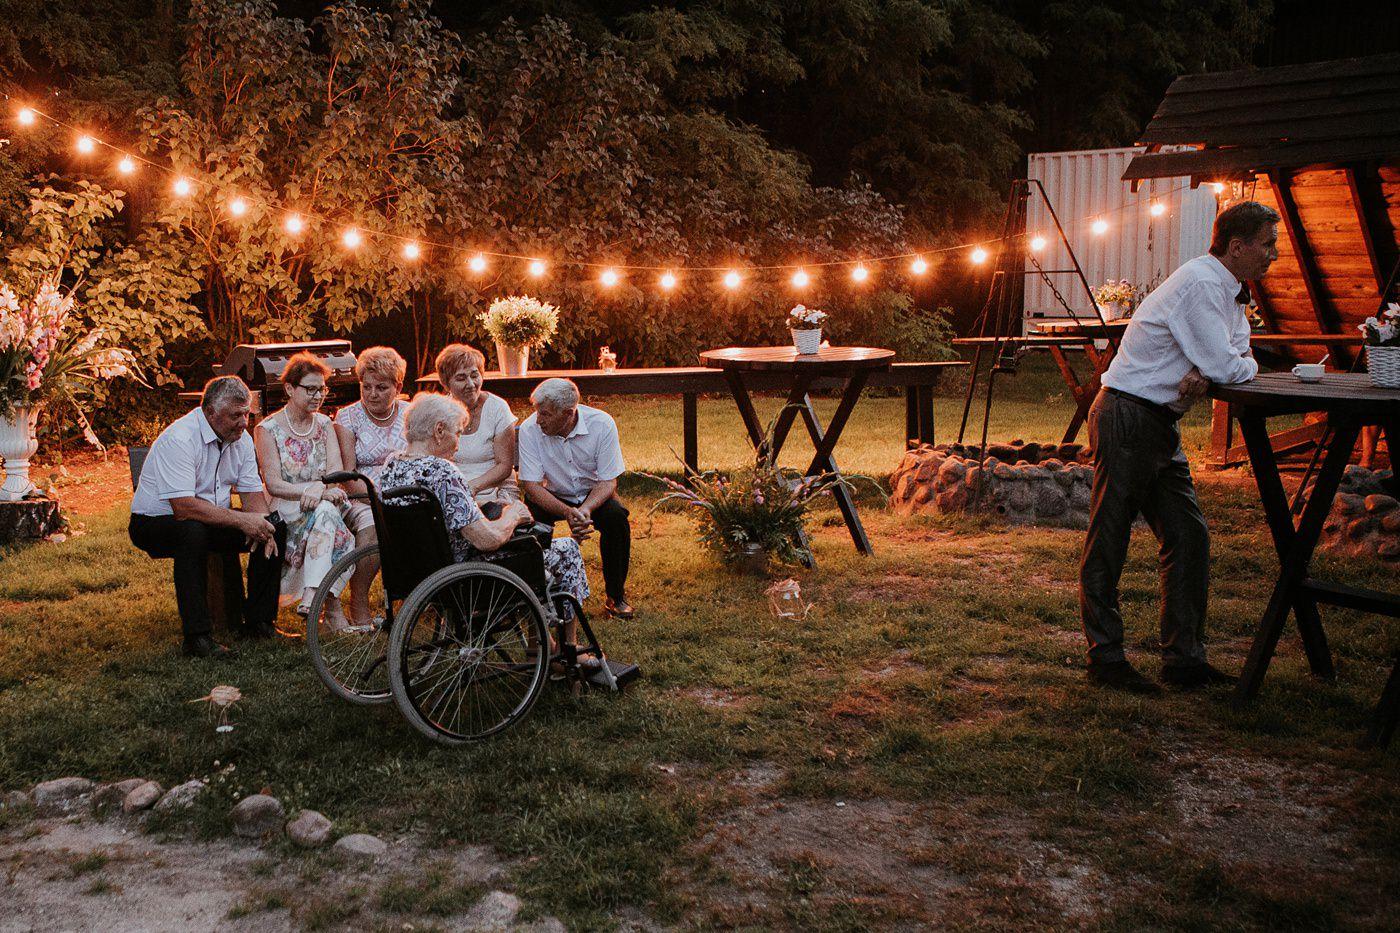 Dominika & Aleksander - Rustykalne wesele w stodole - Baborówko 114